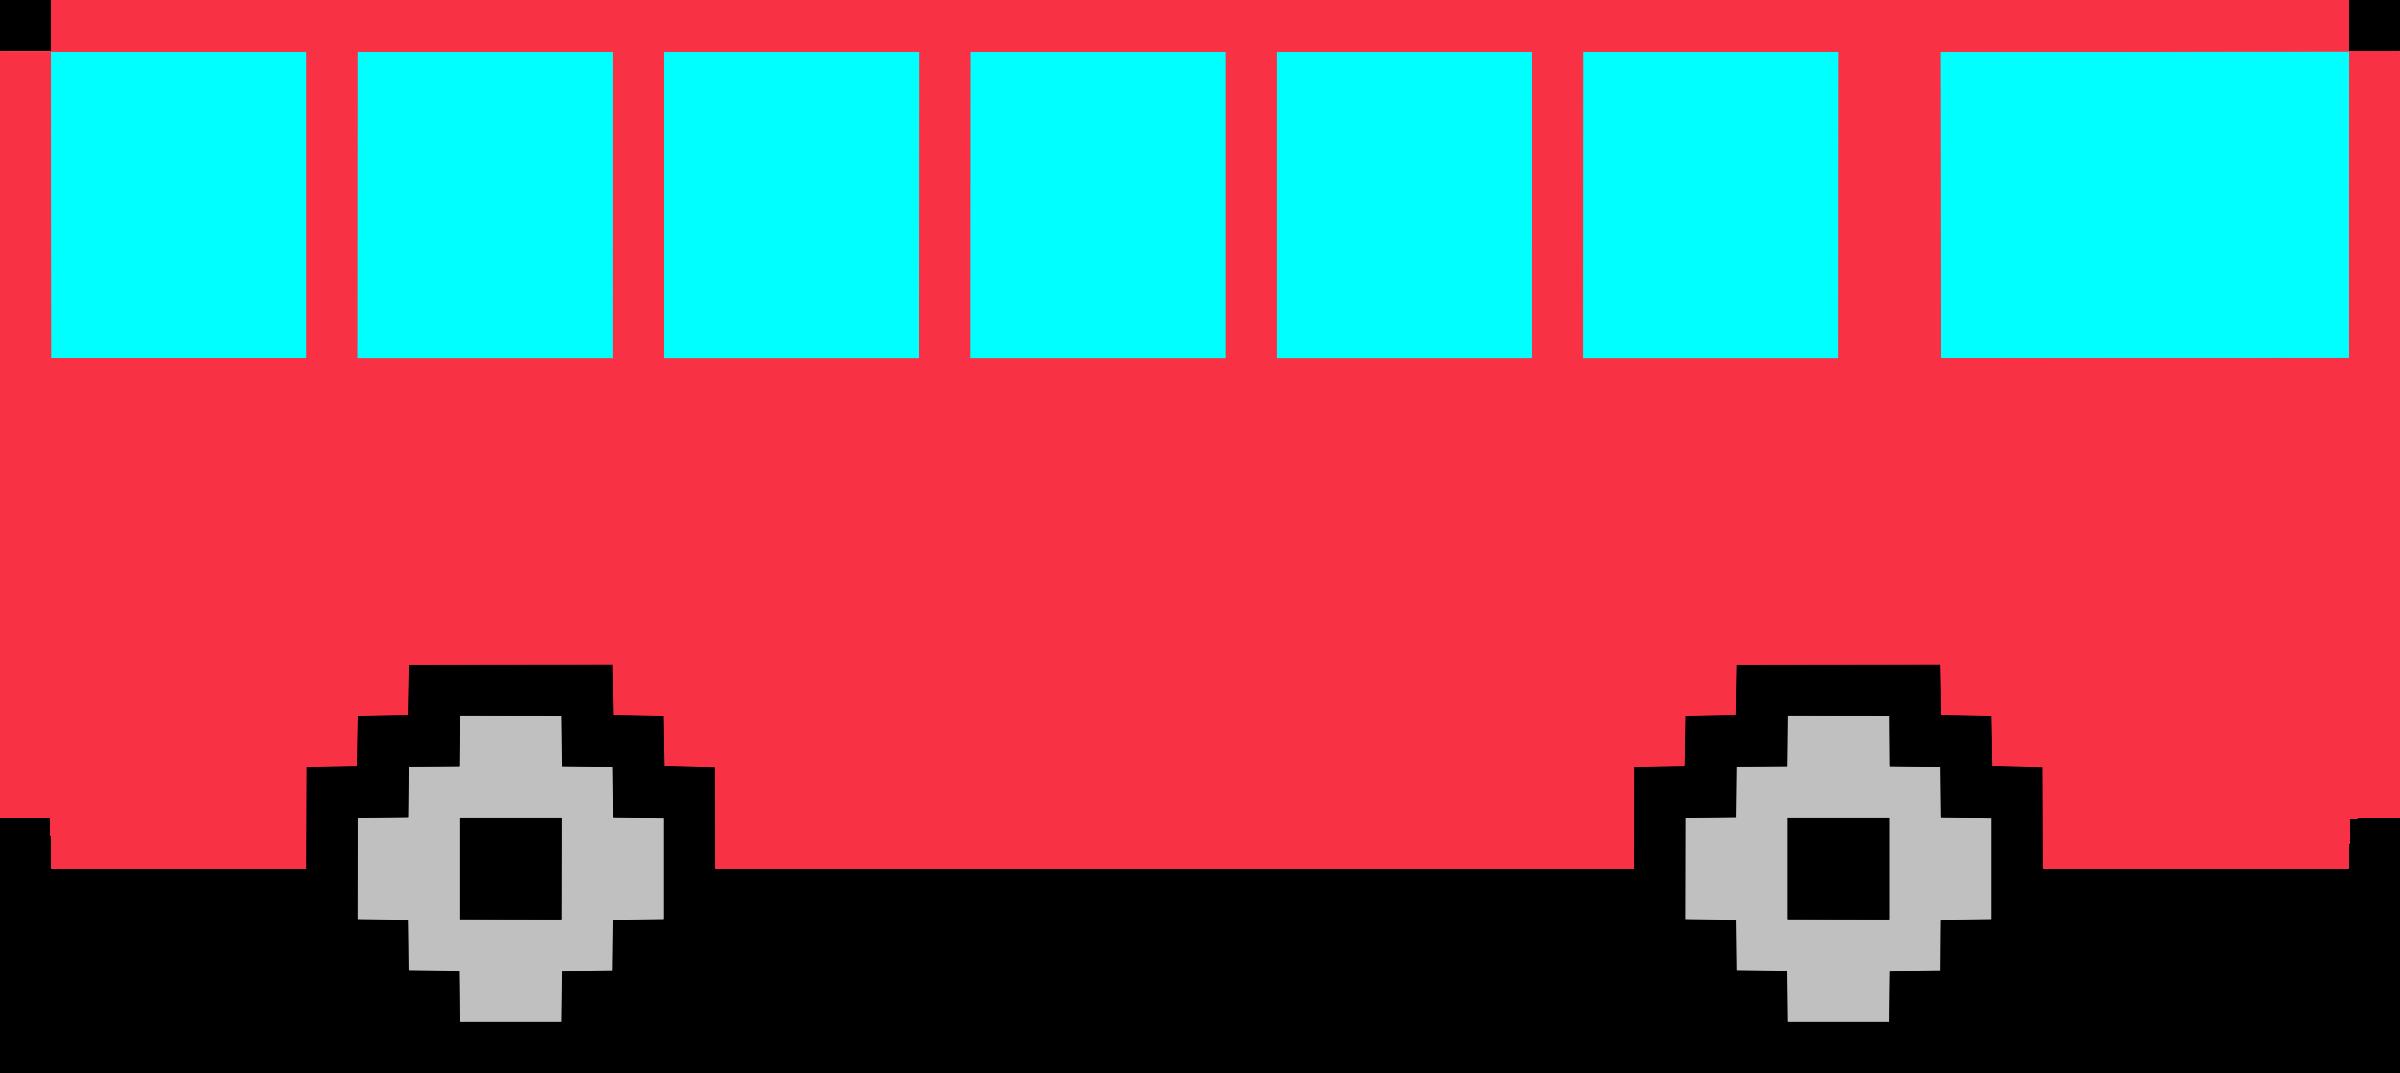 clipart pixel art bus school bus clipart black and white school bus clipart black and white